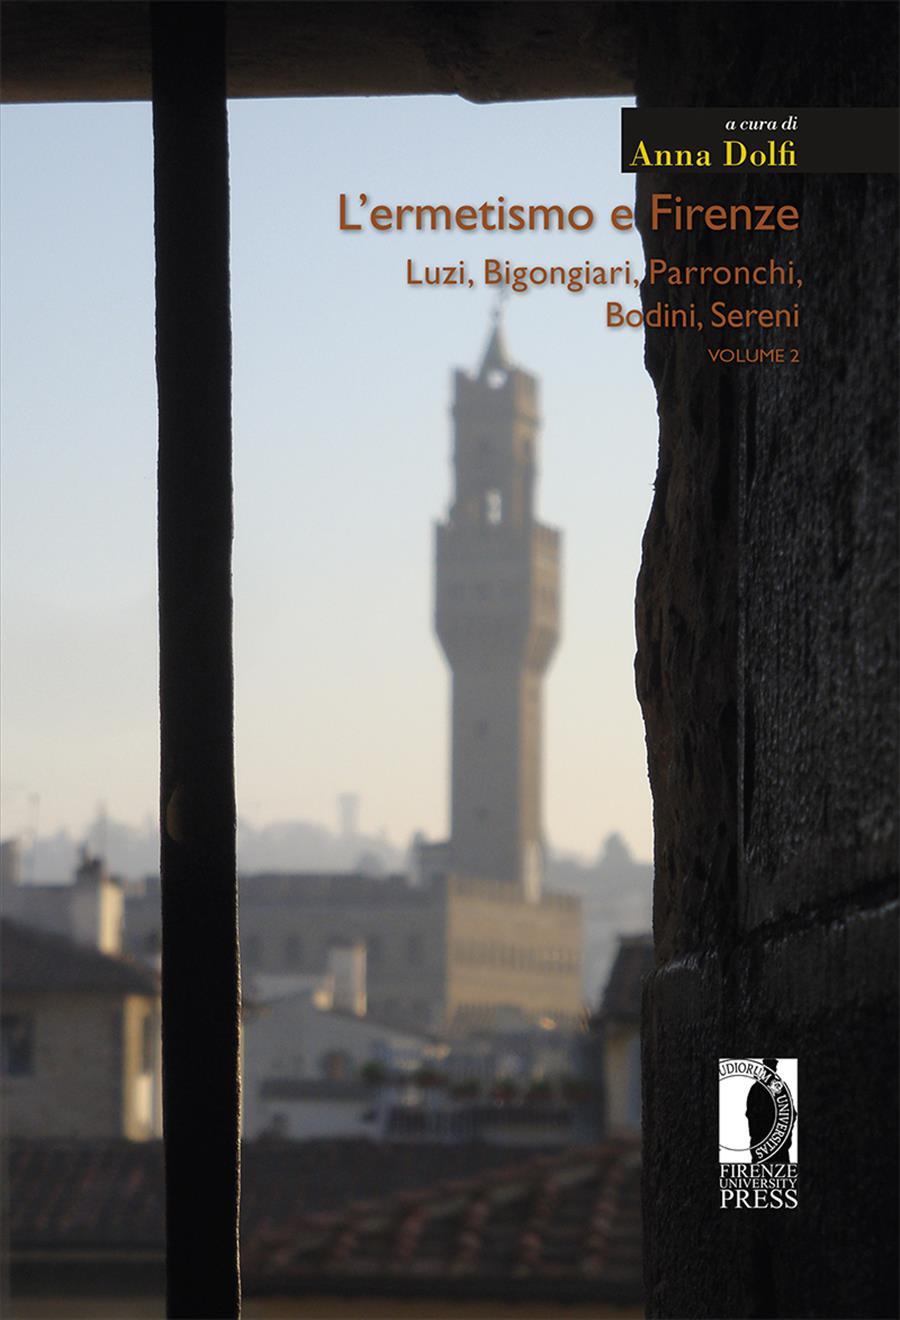 L'ermetismo e Firenze